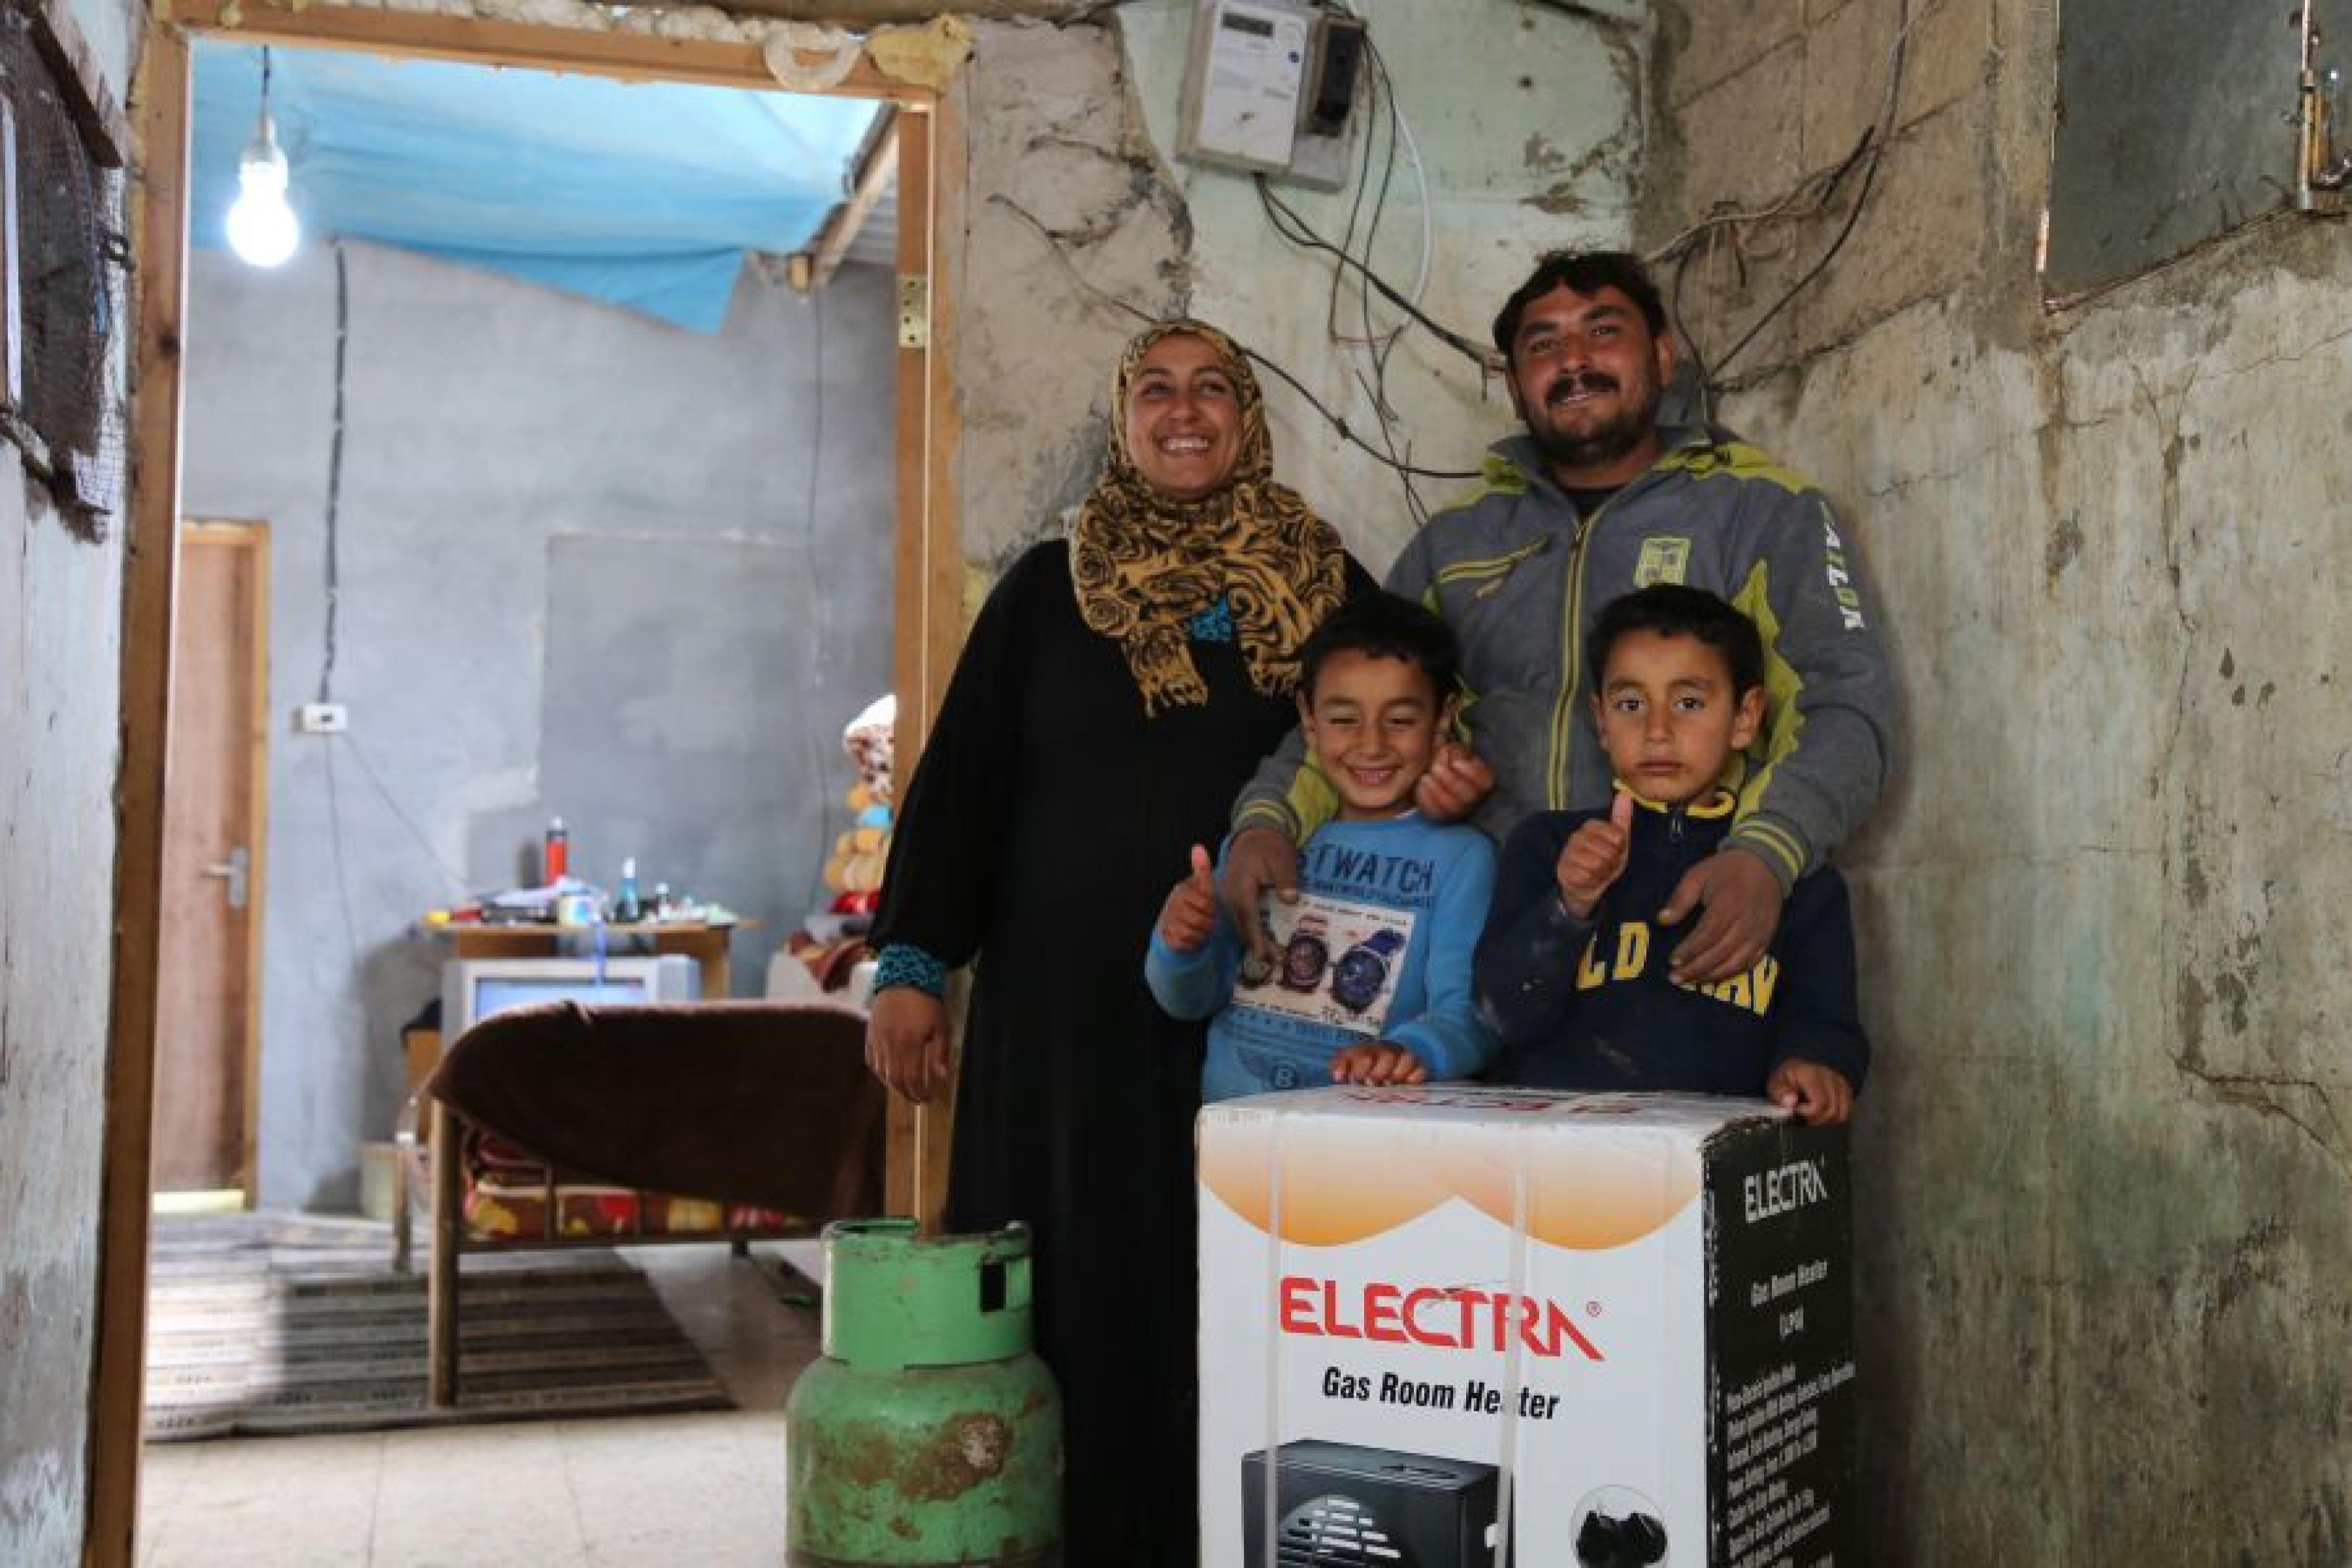 Eine Familie mit zwei Söhnen stehen vor einem noch verpacktem Heizgerät